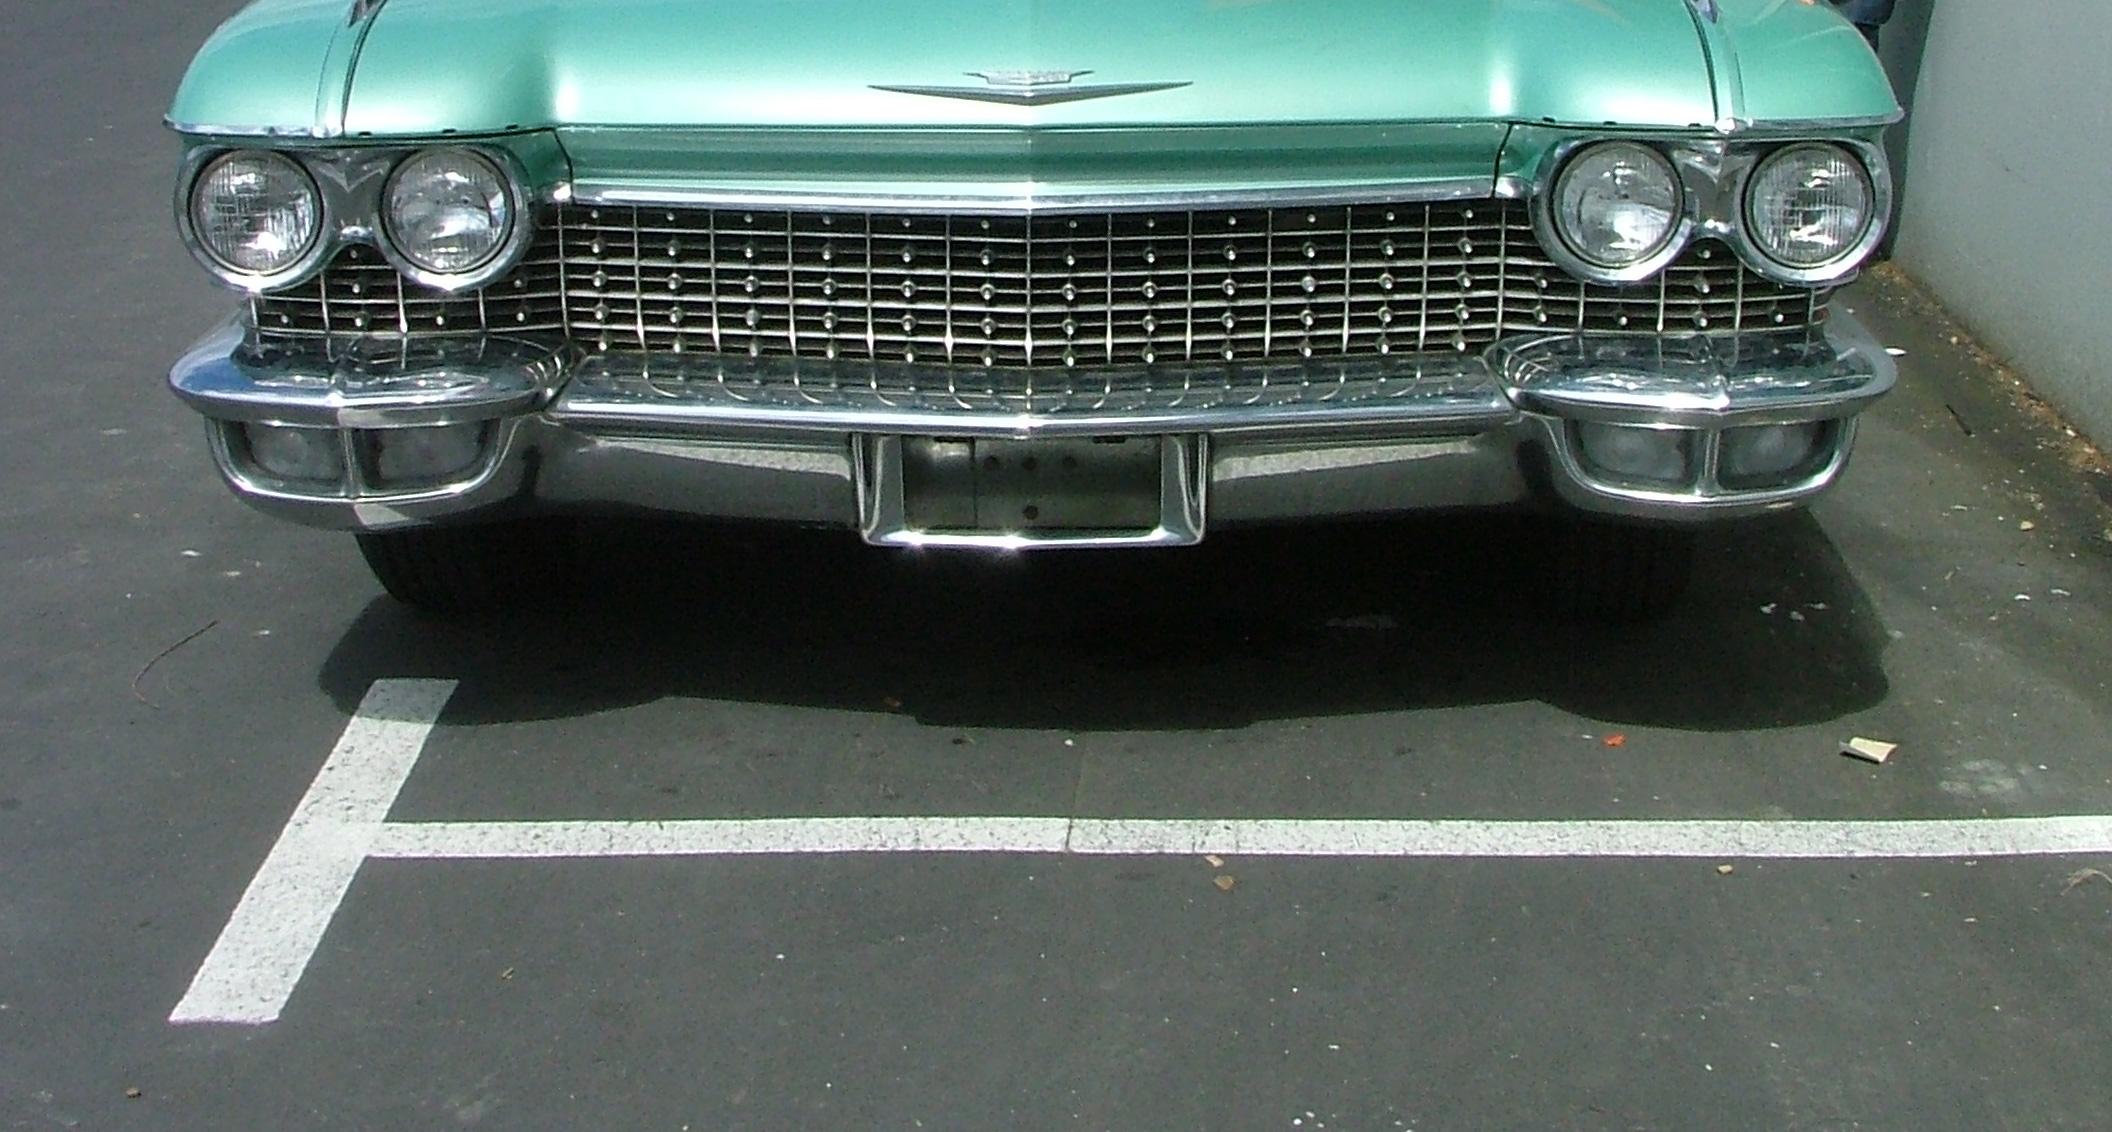 Green ford thunderbird photo